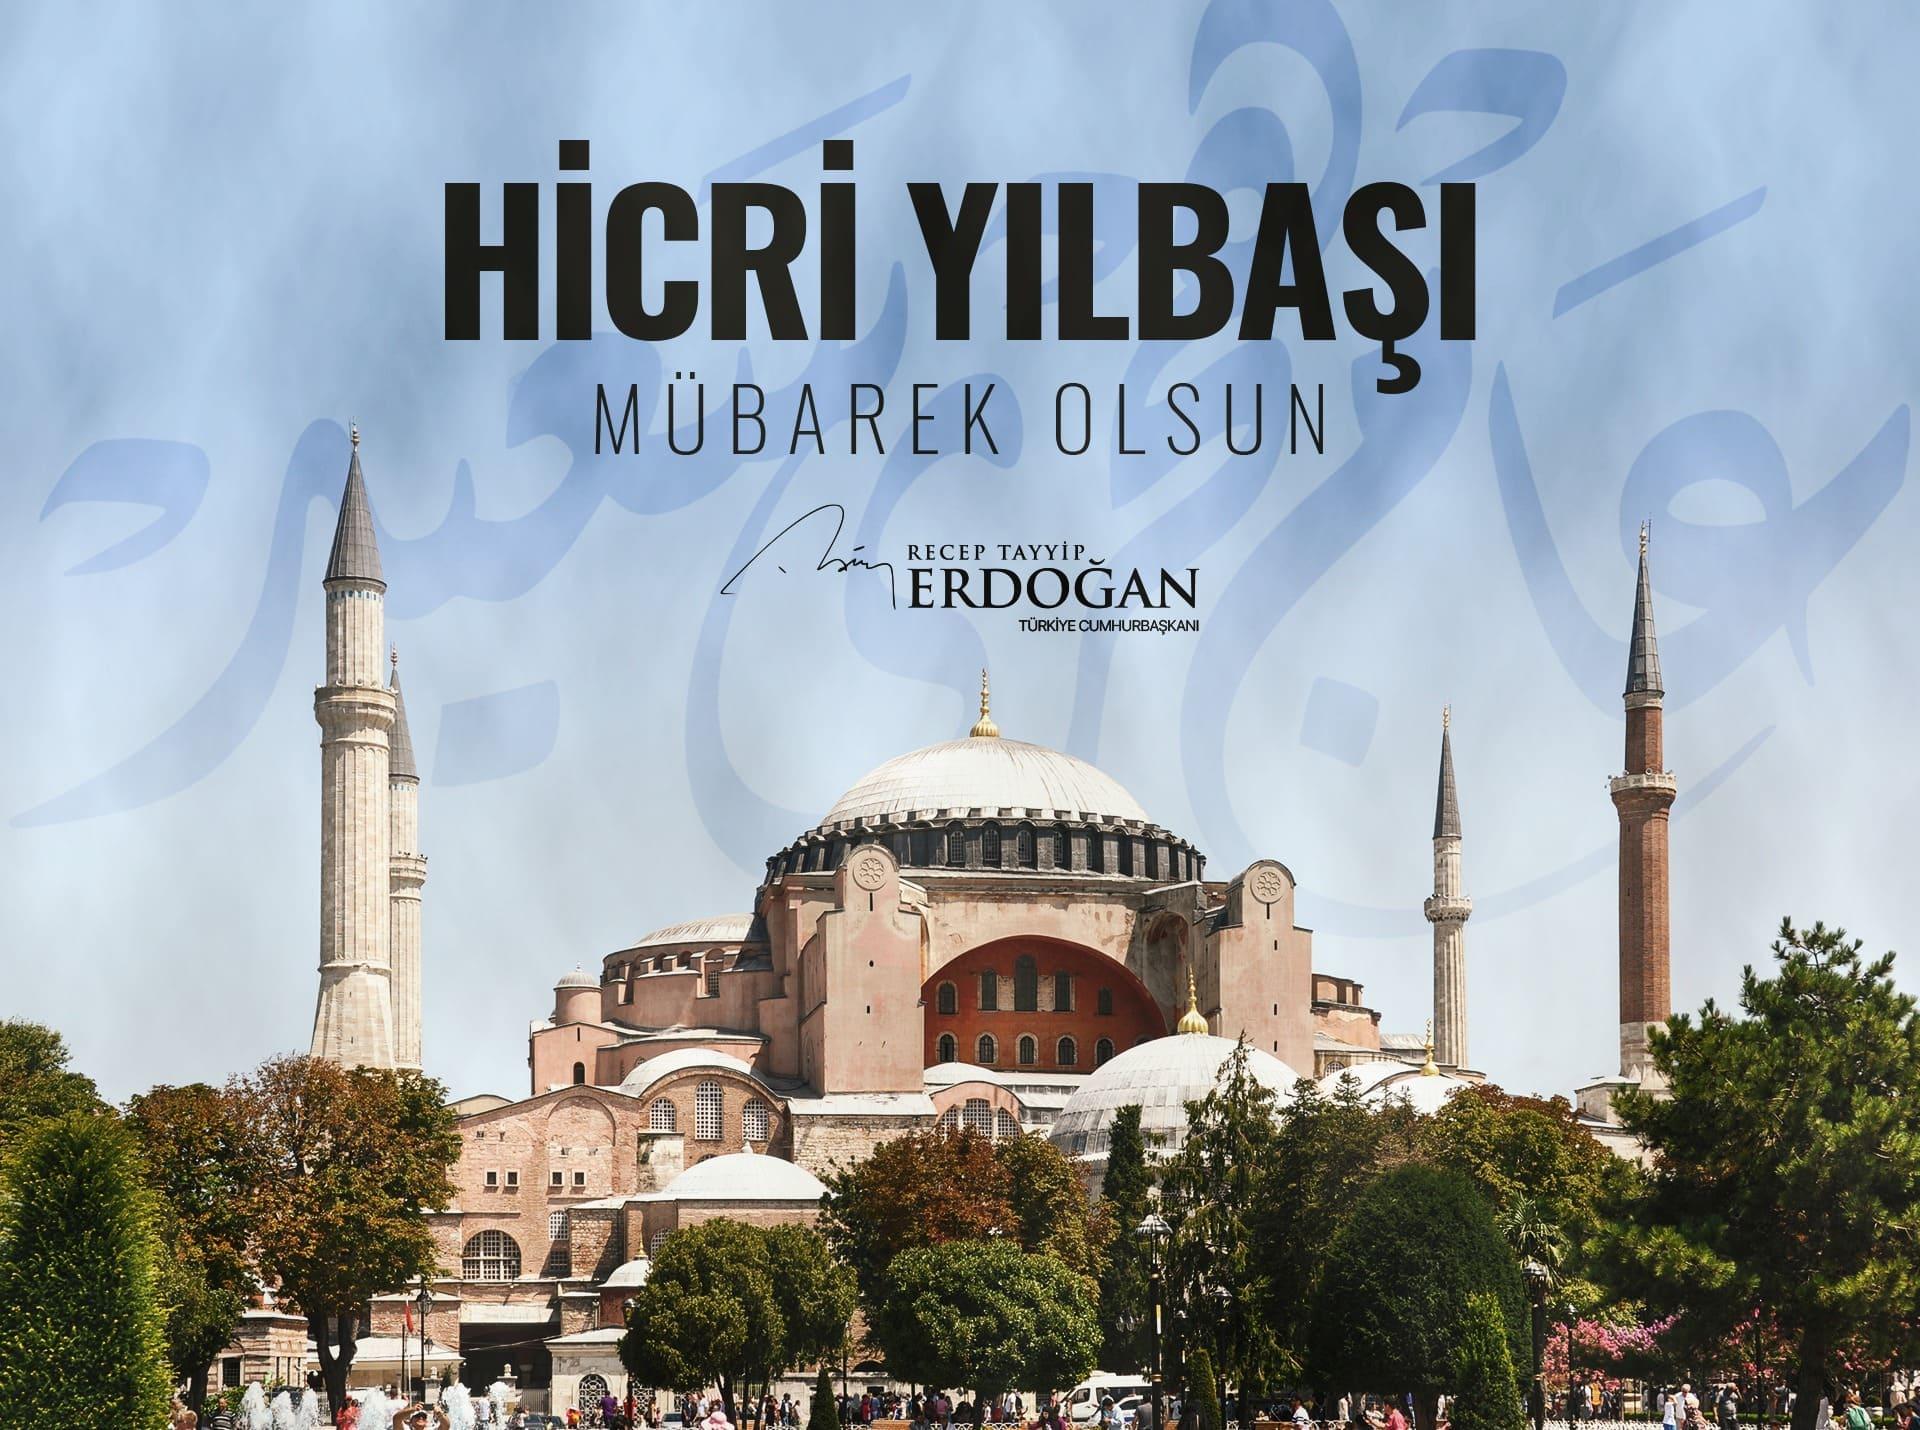 أردوغان يهنئ الأمة الإسلامية بالعام الهجري الجديد